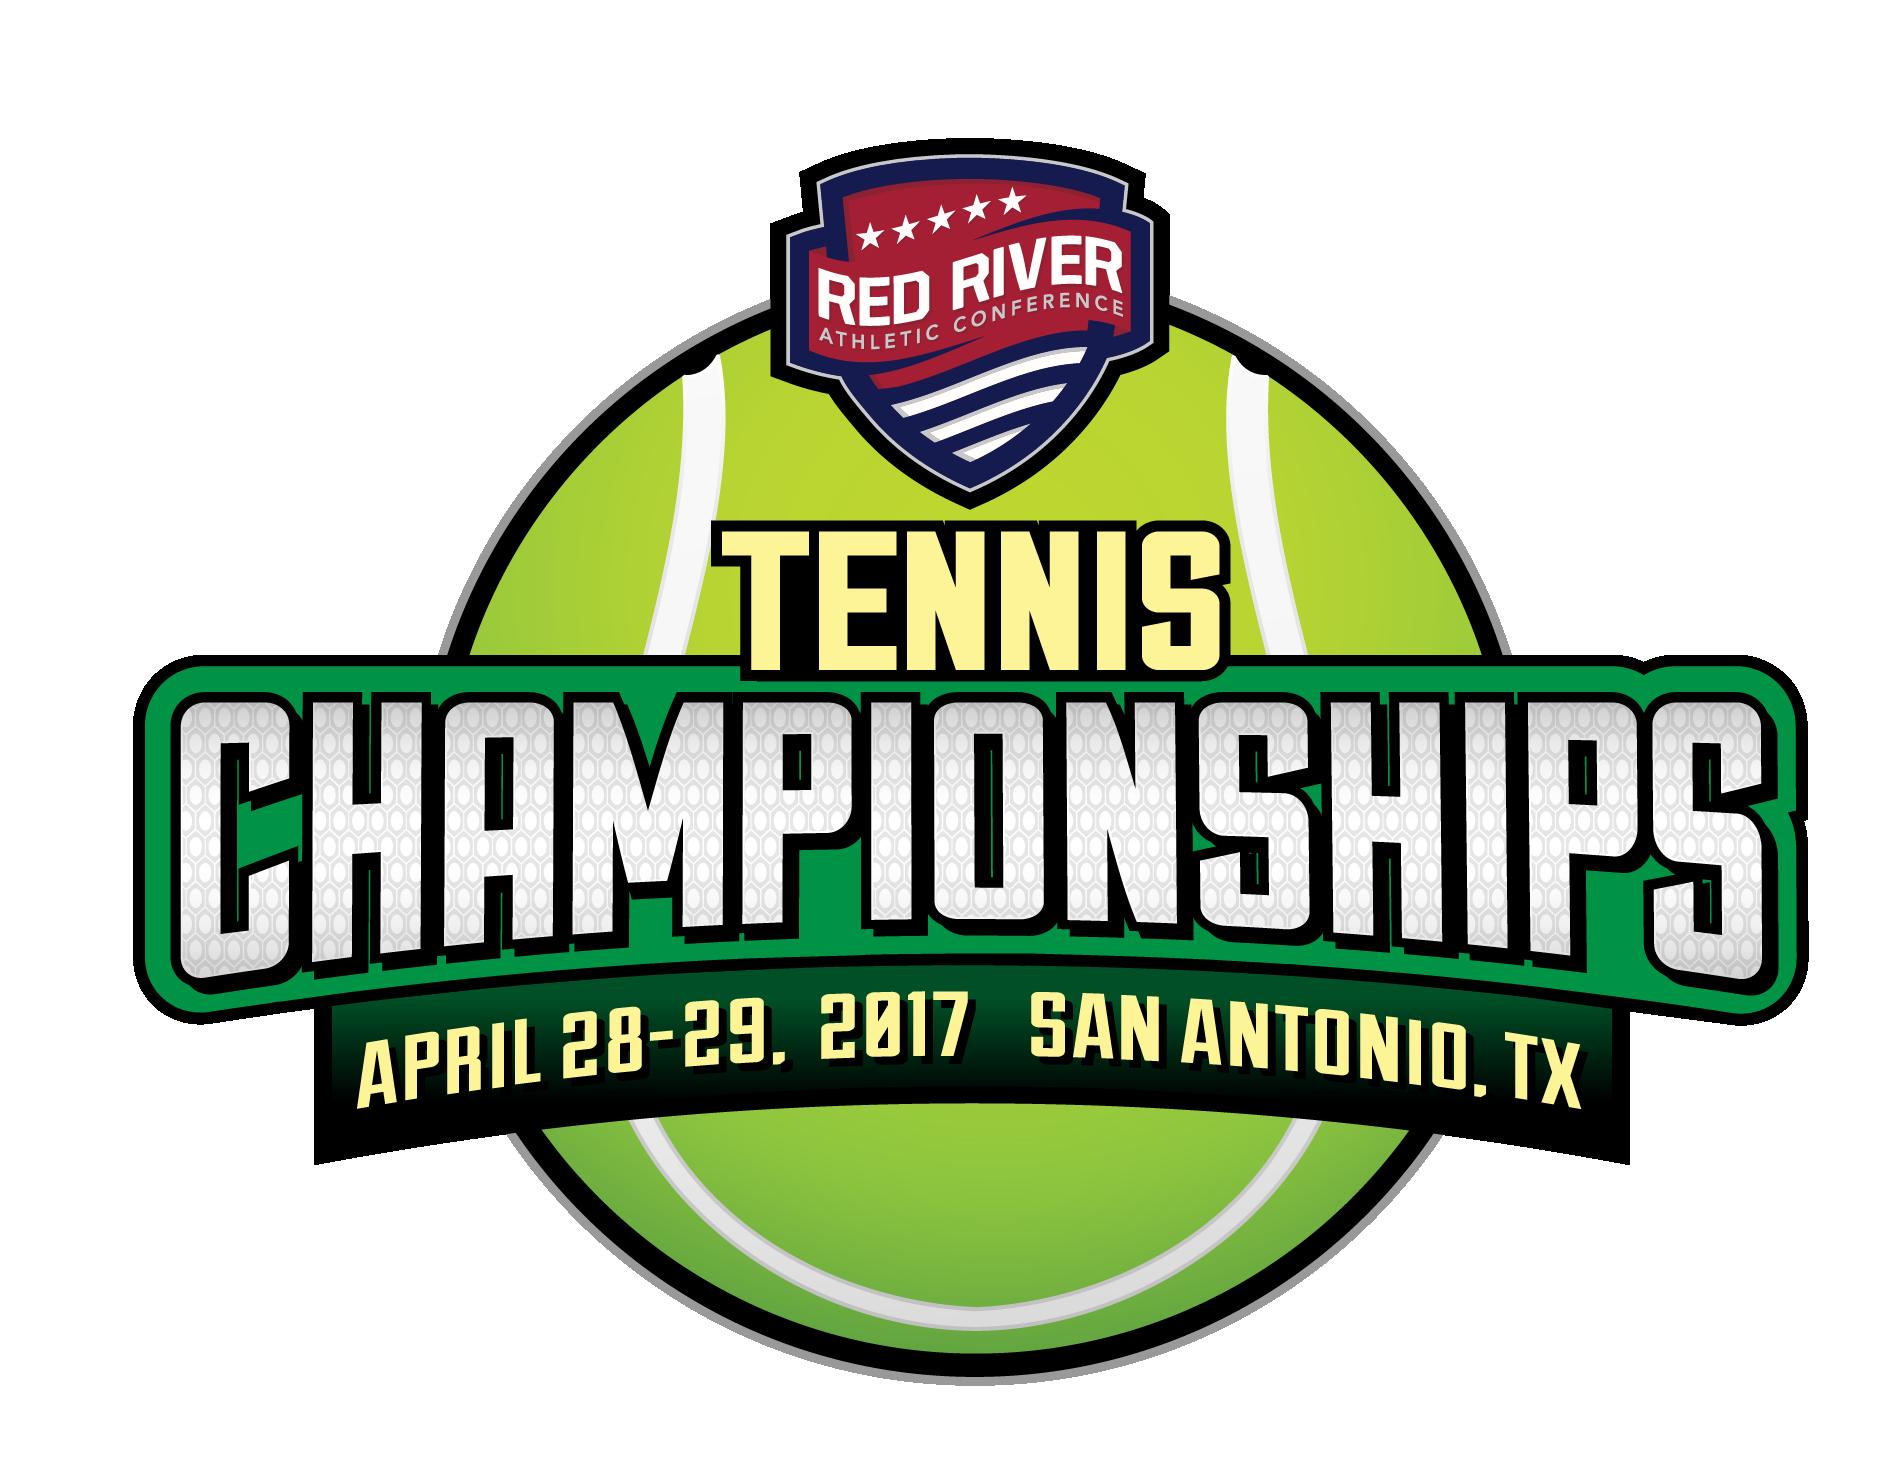 ChampionshipLogosF_TENNIS-01.png